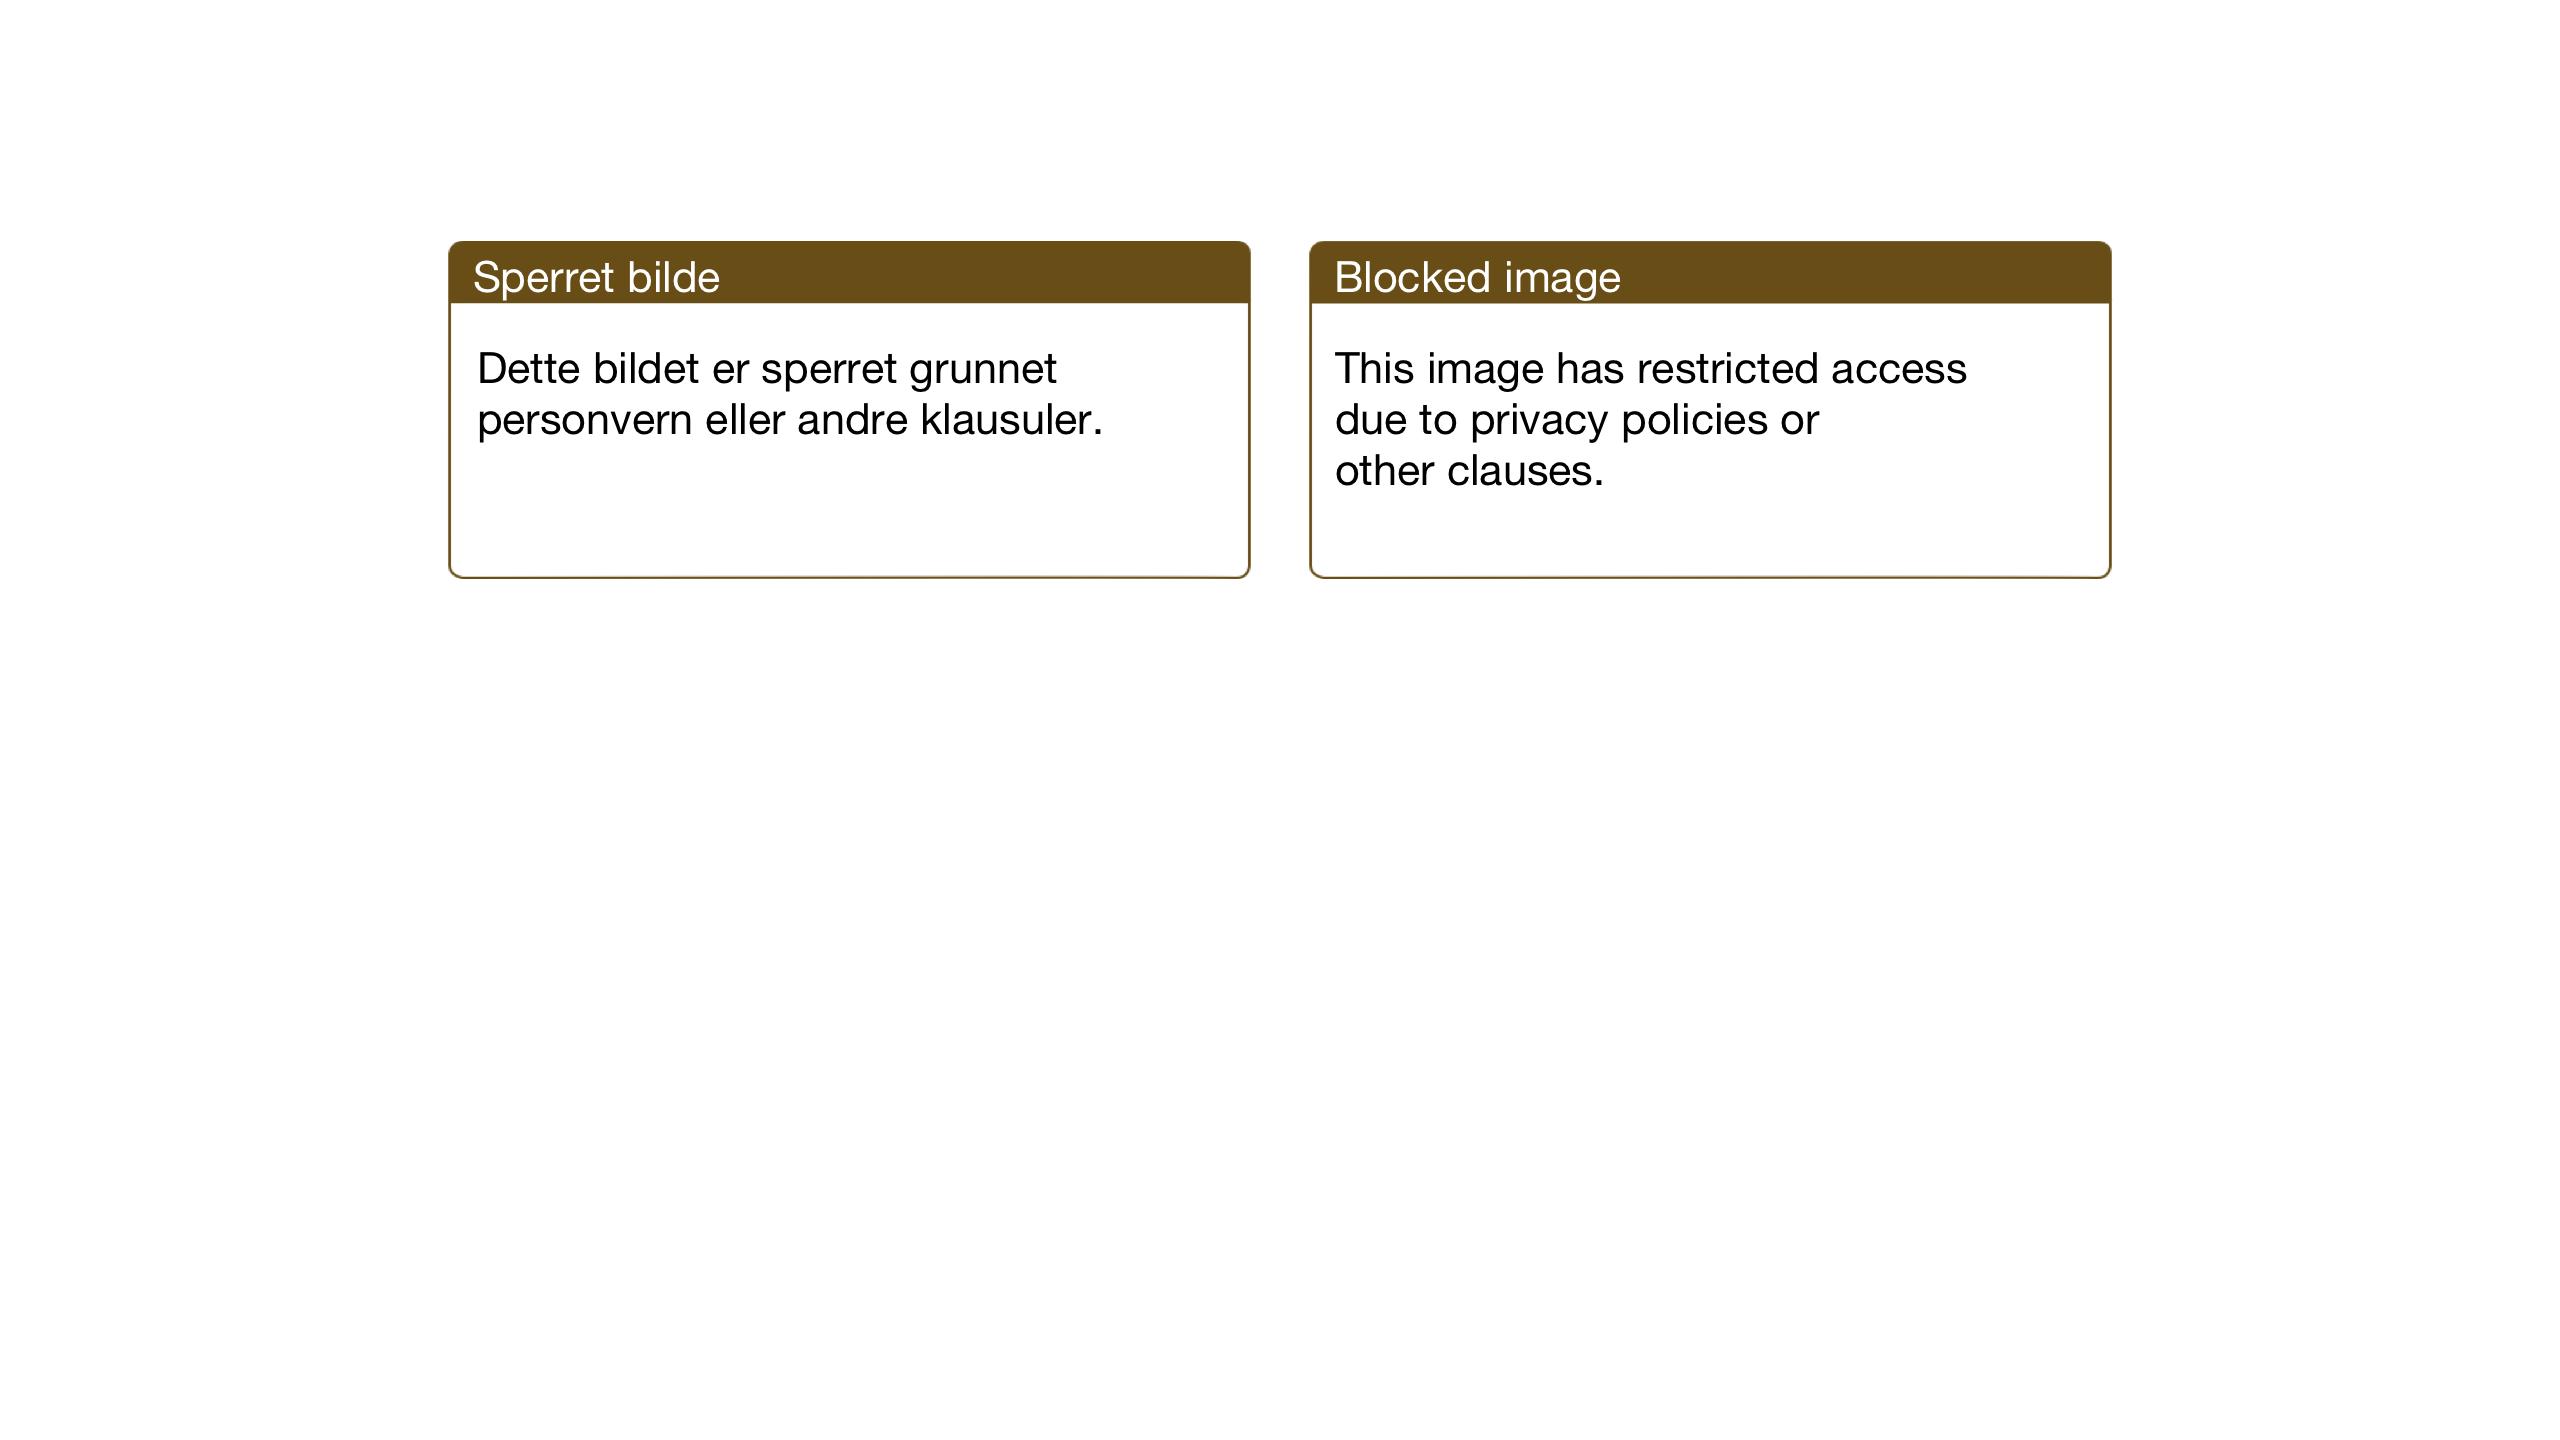 SAT, Ministerialprotokoller, klokkerbøker og fødselsregistre - Sør-Trøndelag, 640/L0590: Klokkerbok nr. 640C07, 1935-1948, s. 53